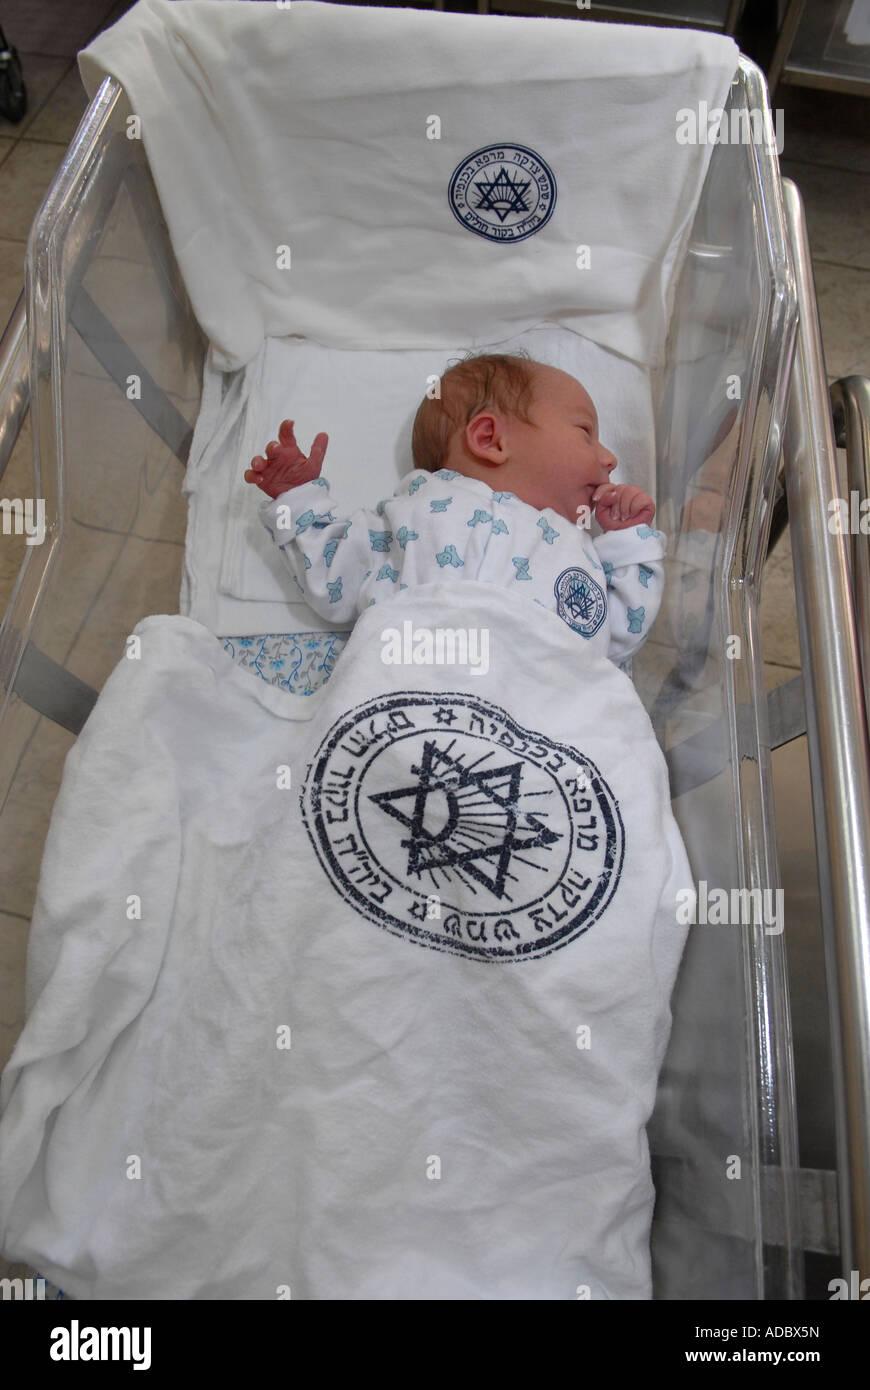 Cochecitos de bebé judíos: los resultados de búsqueda de